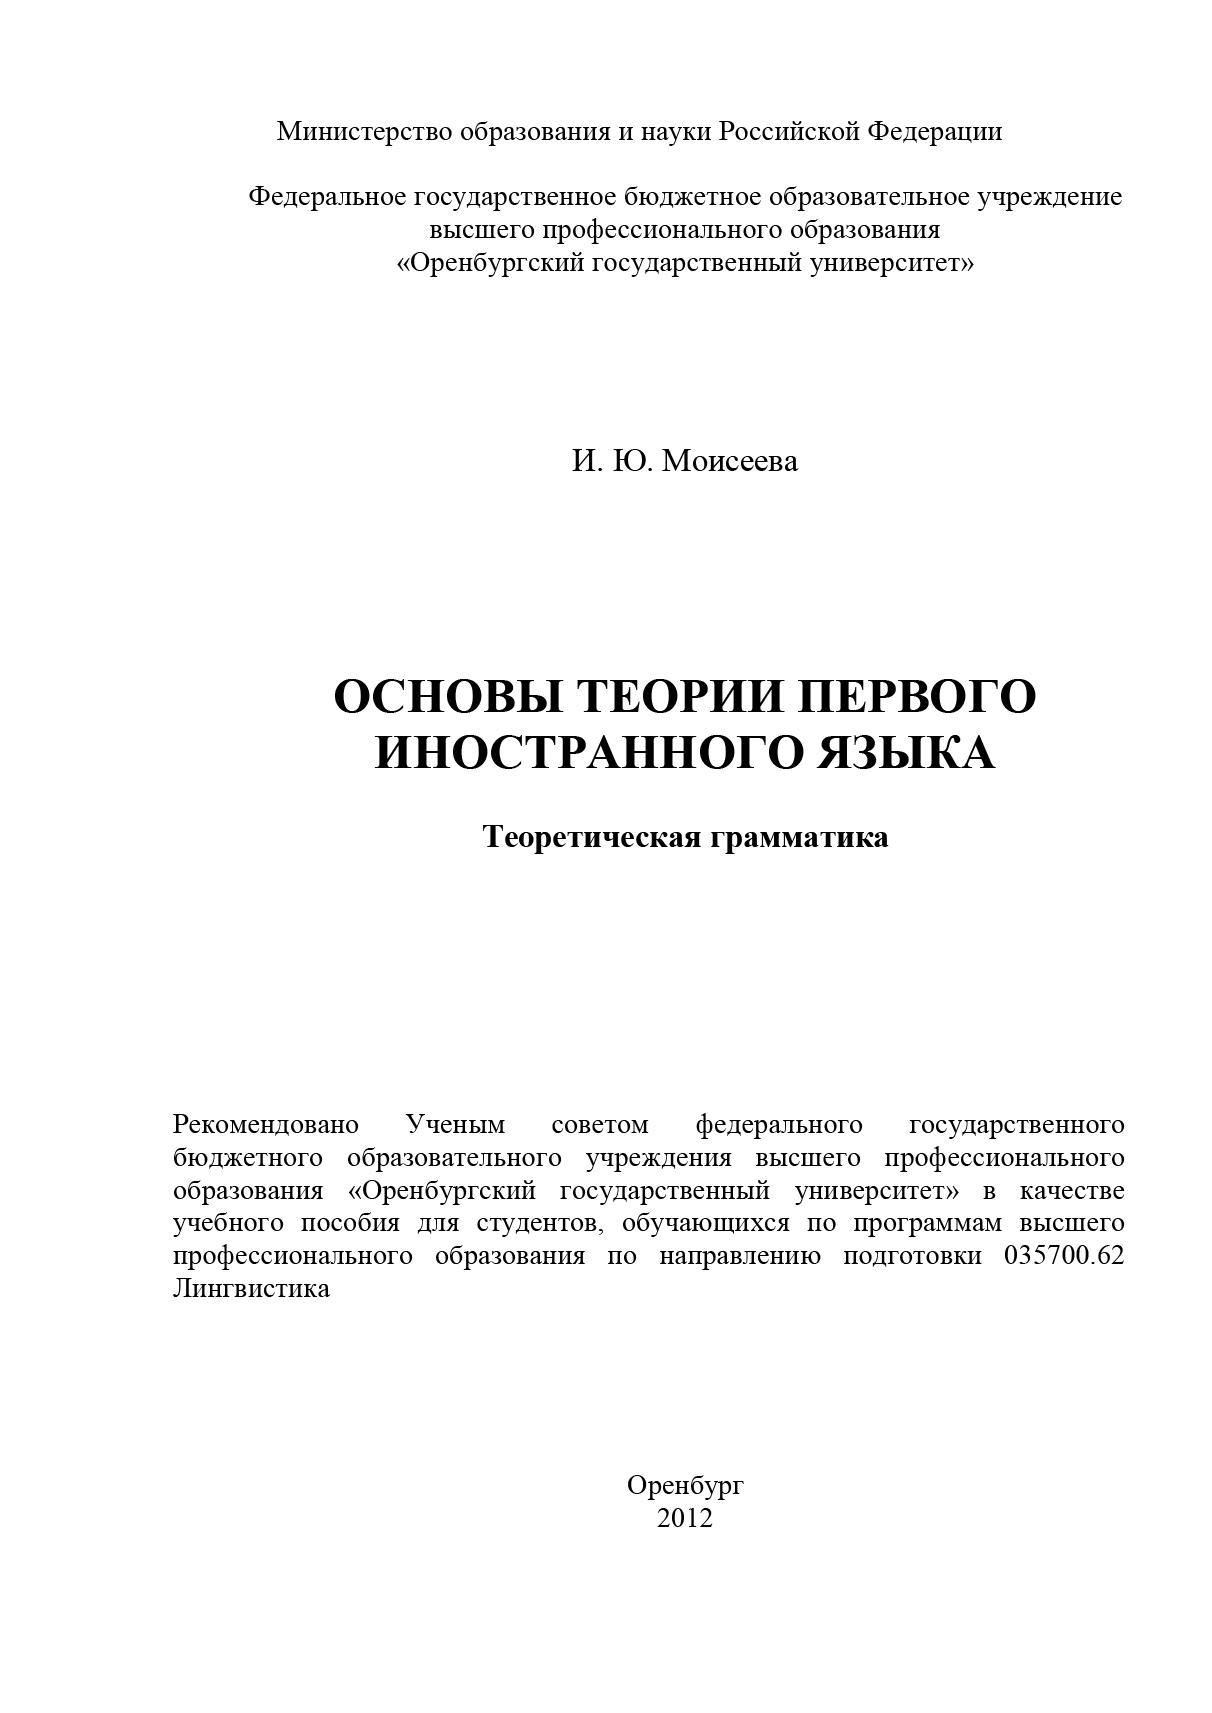 И. Ю. Моисеева Основы теории первого иностранного языка. Теоретическая грамматика